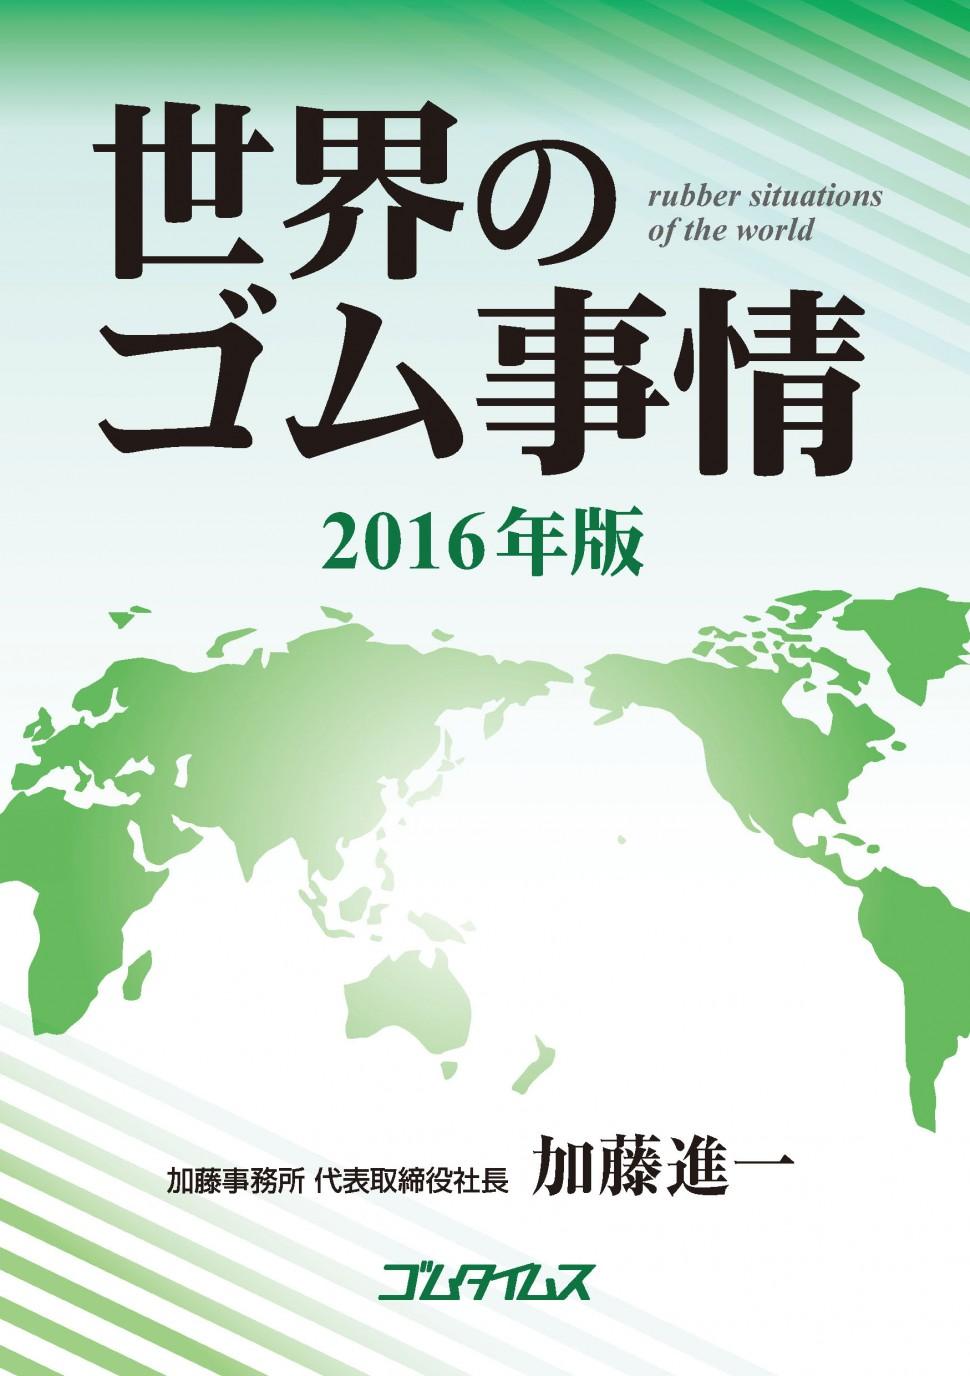 世界のゴム事情2016年のバナー